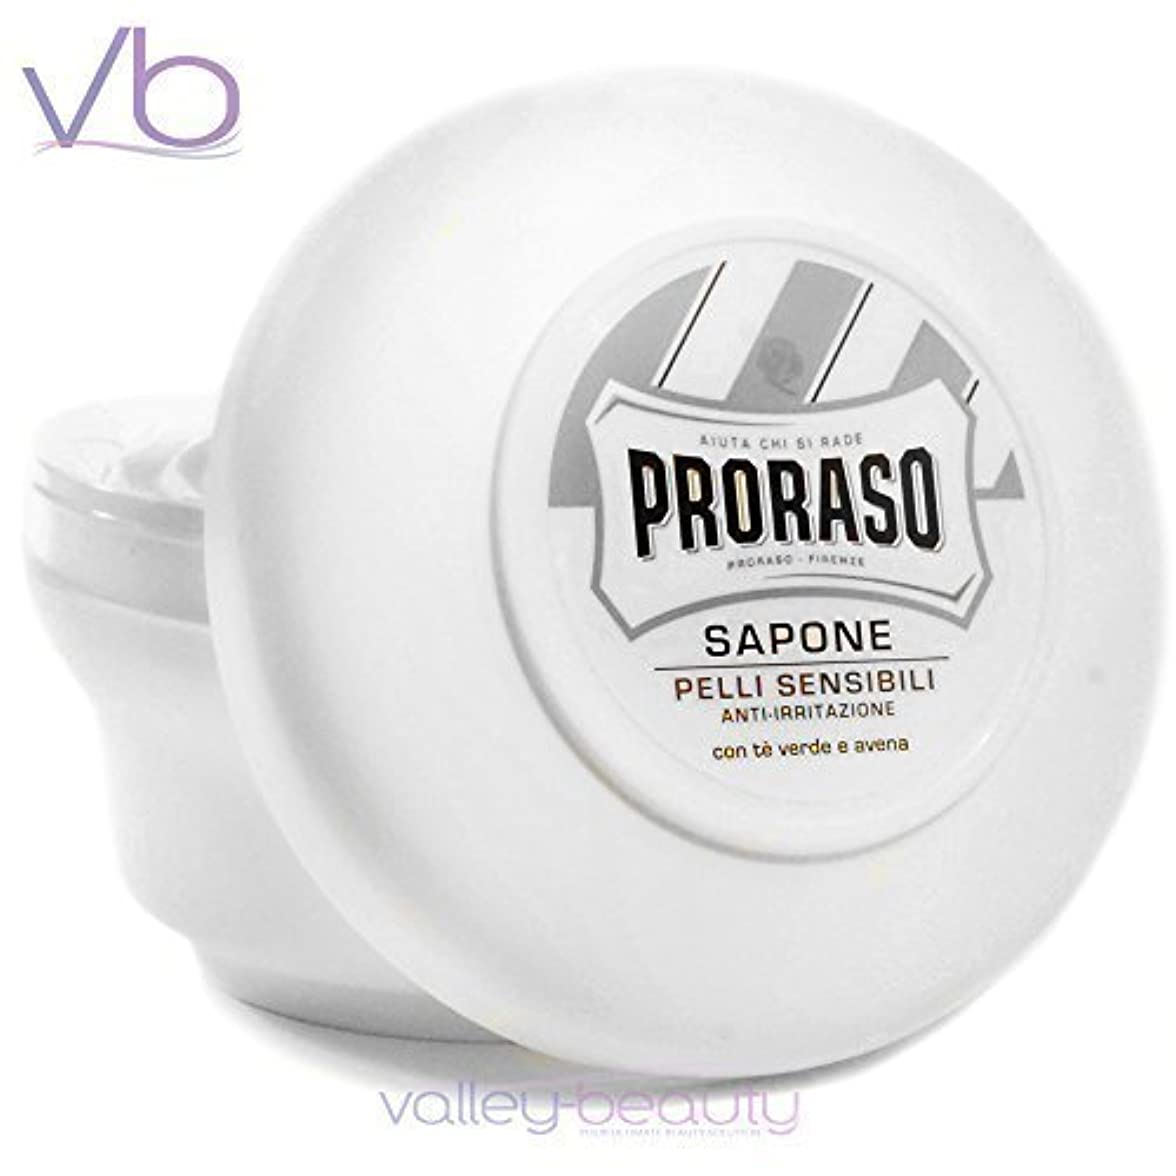 支出市の花かわいらしいProraso Shaving Soap with Green Tea and Oat - Ultra Sensitive Skin 150ml/5.2oz by Proraso [並行輸入品]